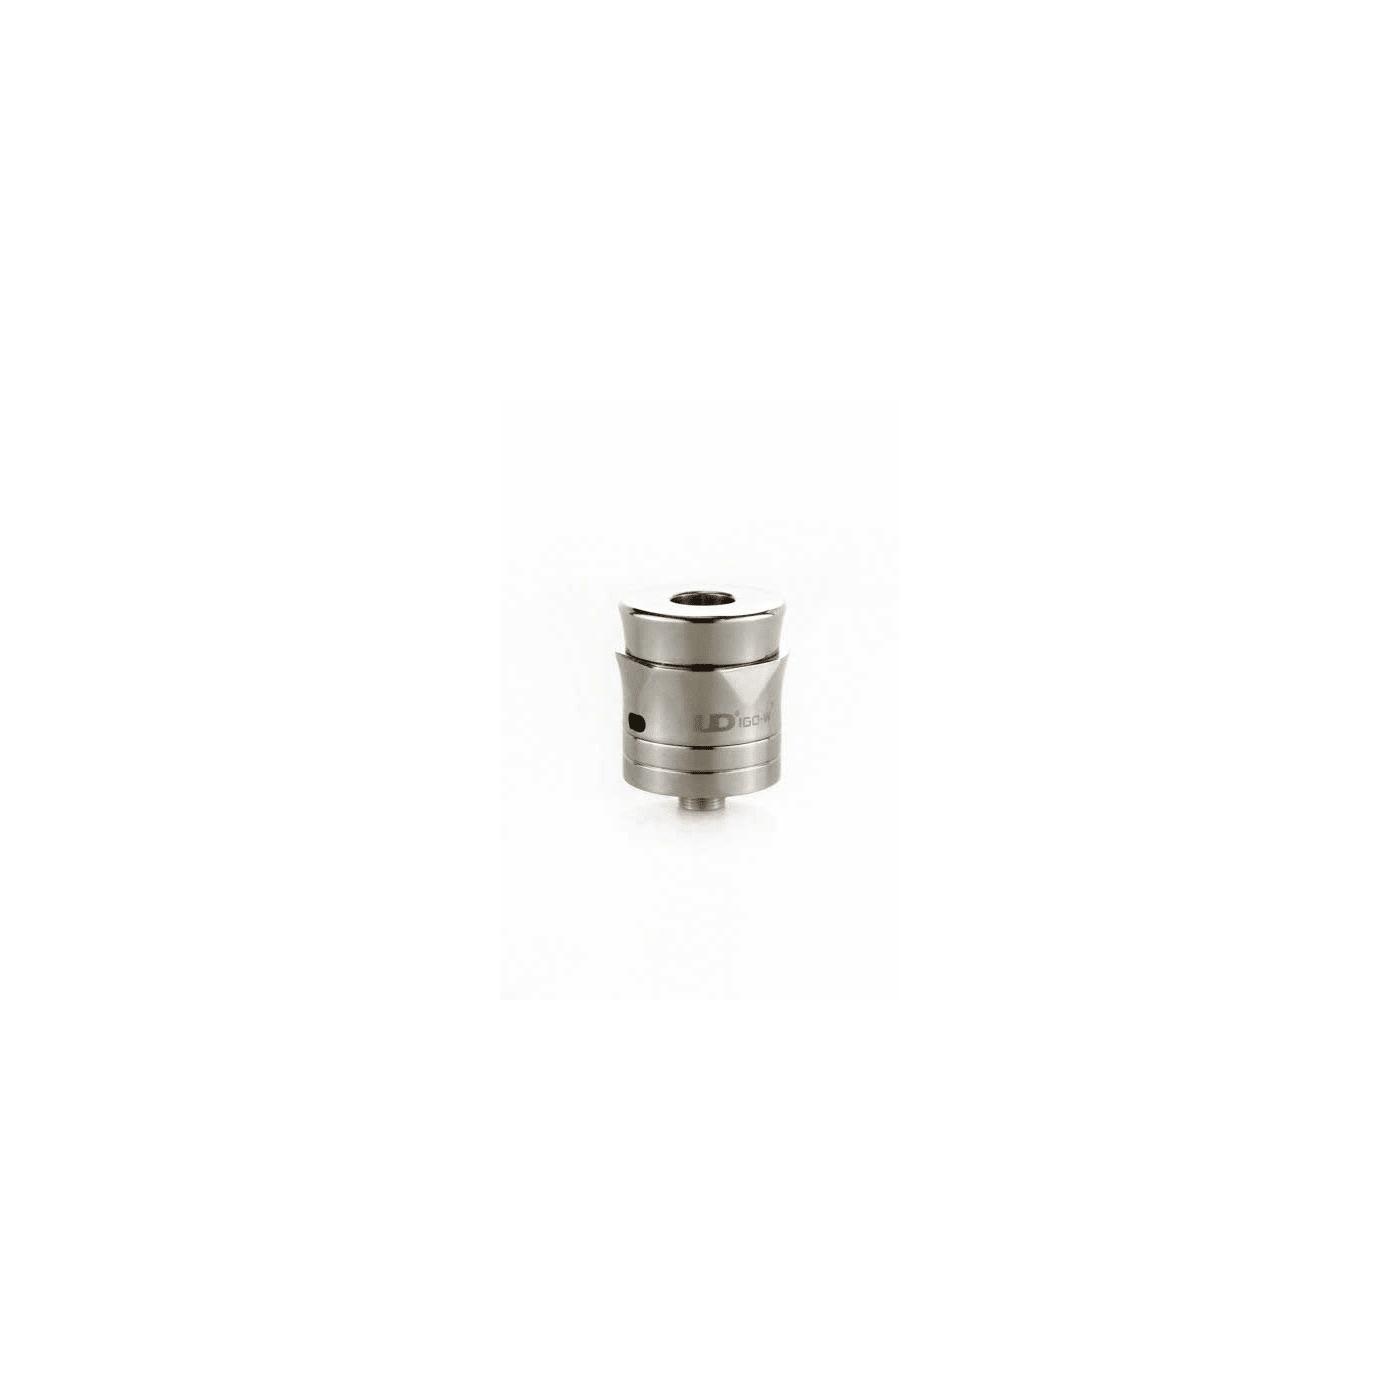 IGO - W7 - Rebuildable Atomizer